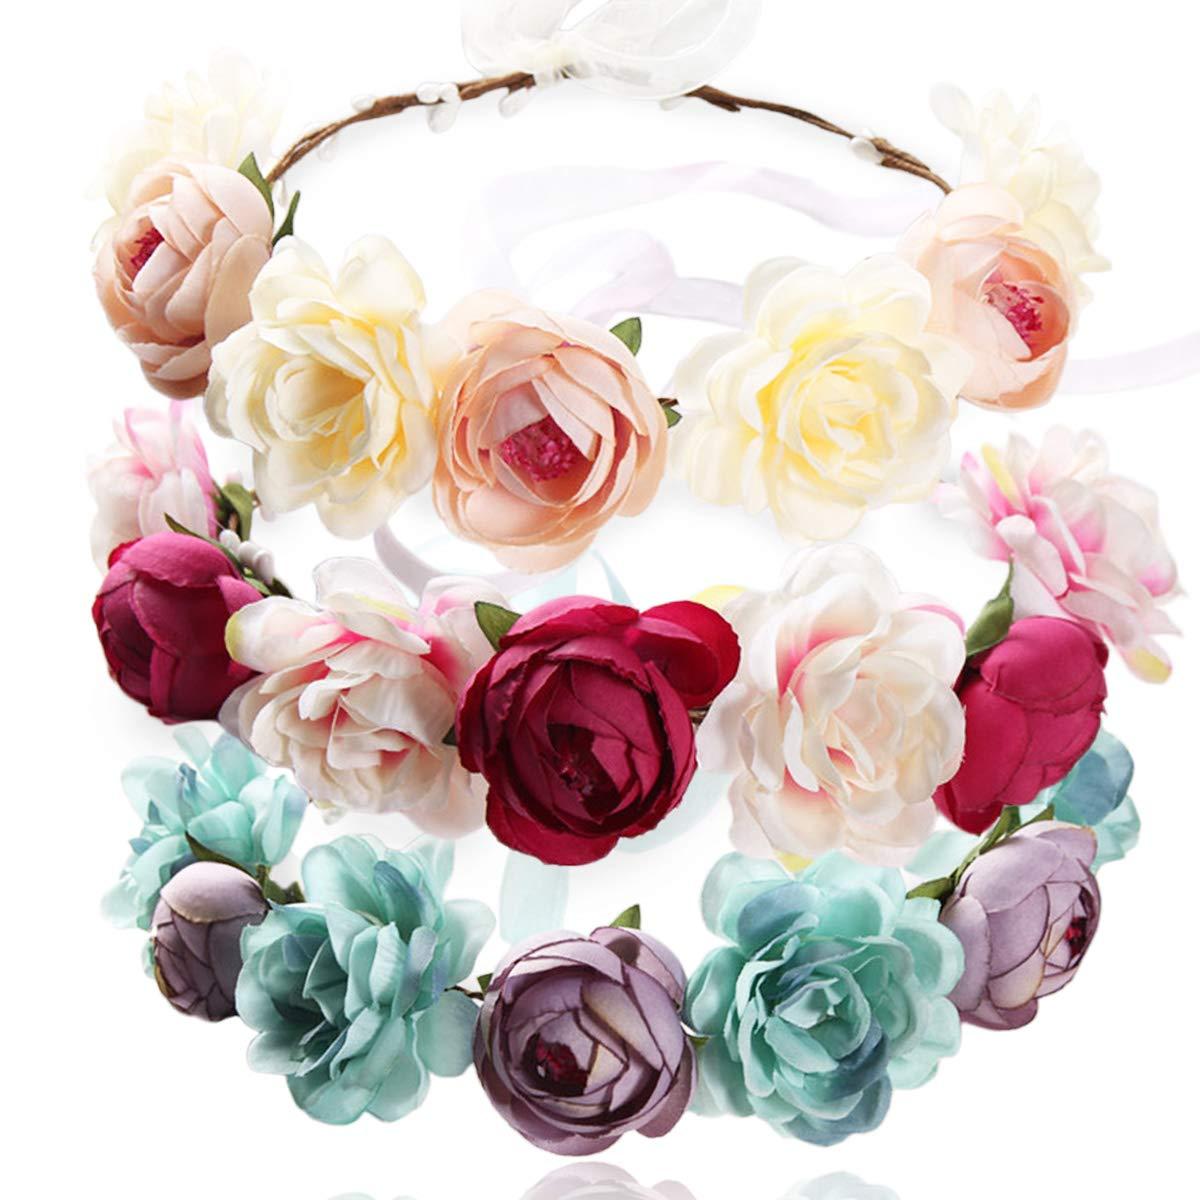 REKYO 3pcs La Main Fleur Bandeau Floral Couronne, Casque Cheveux Bridal Couronne Wedding Halo Floral Guirlande Bandeaux Avec Ruban Pour Mariage Fête Photo Accessoires